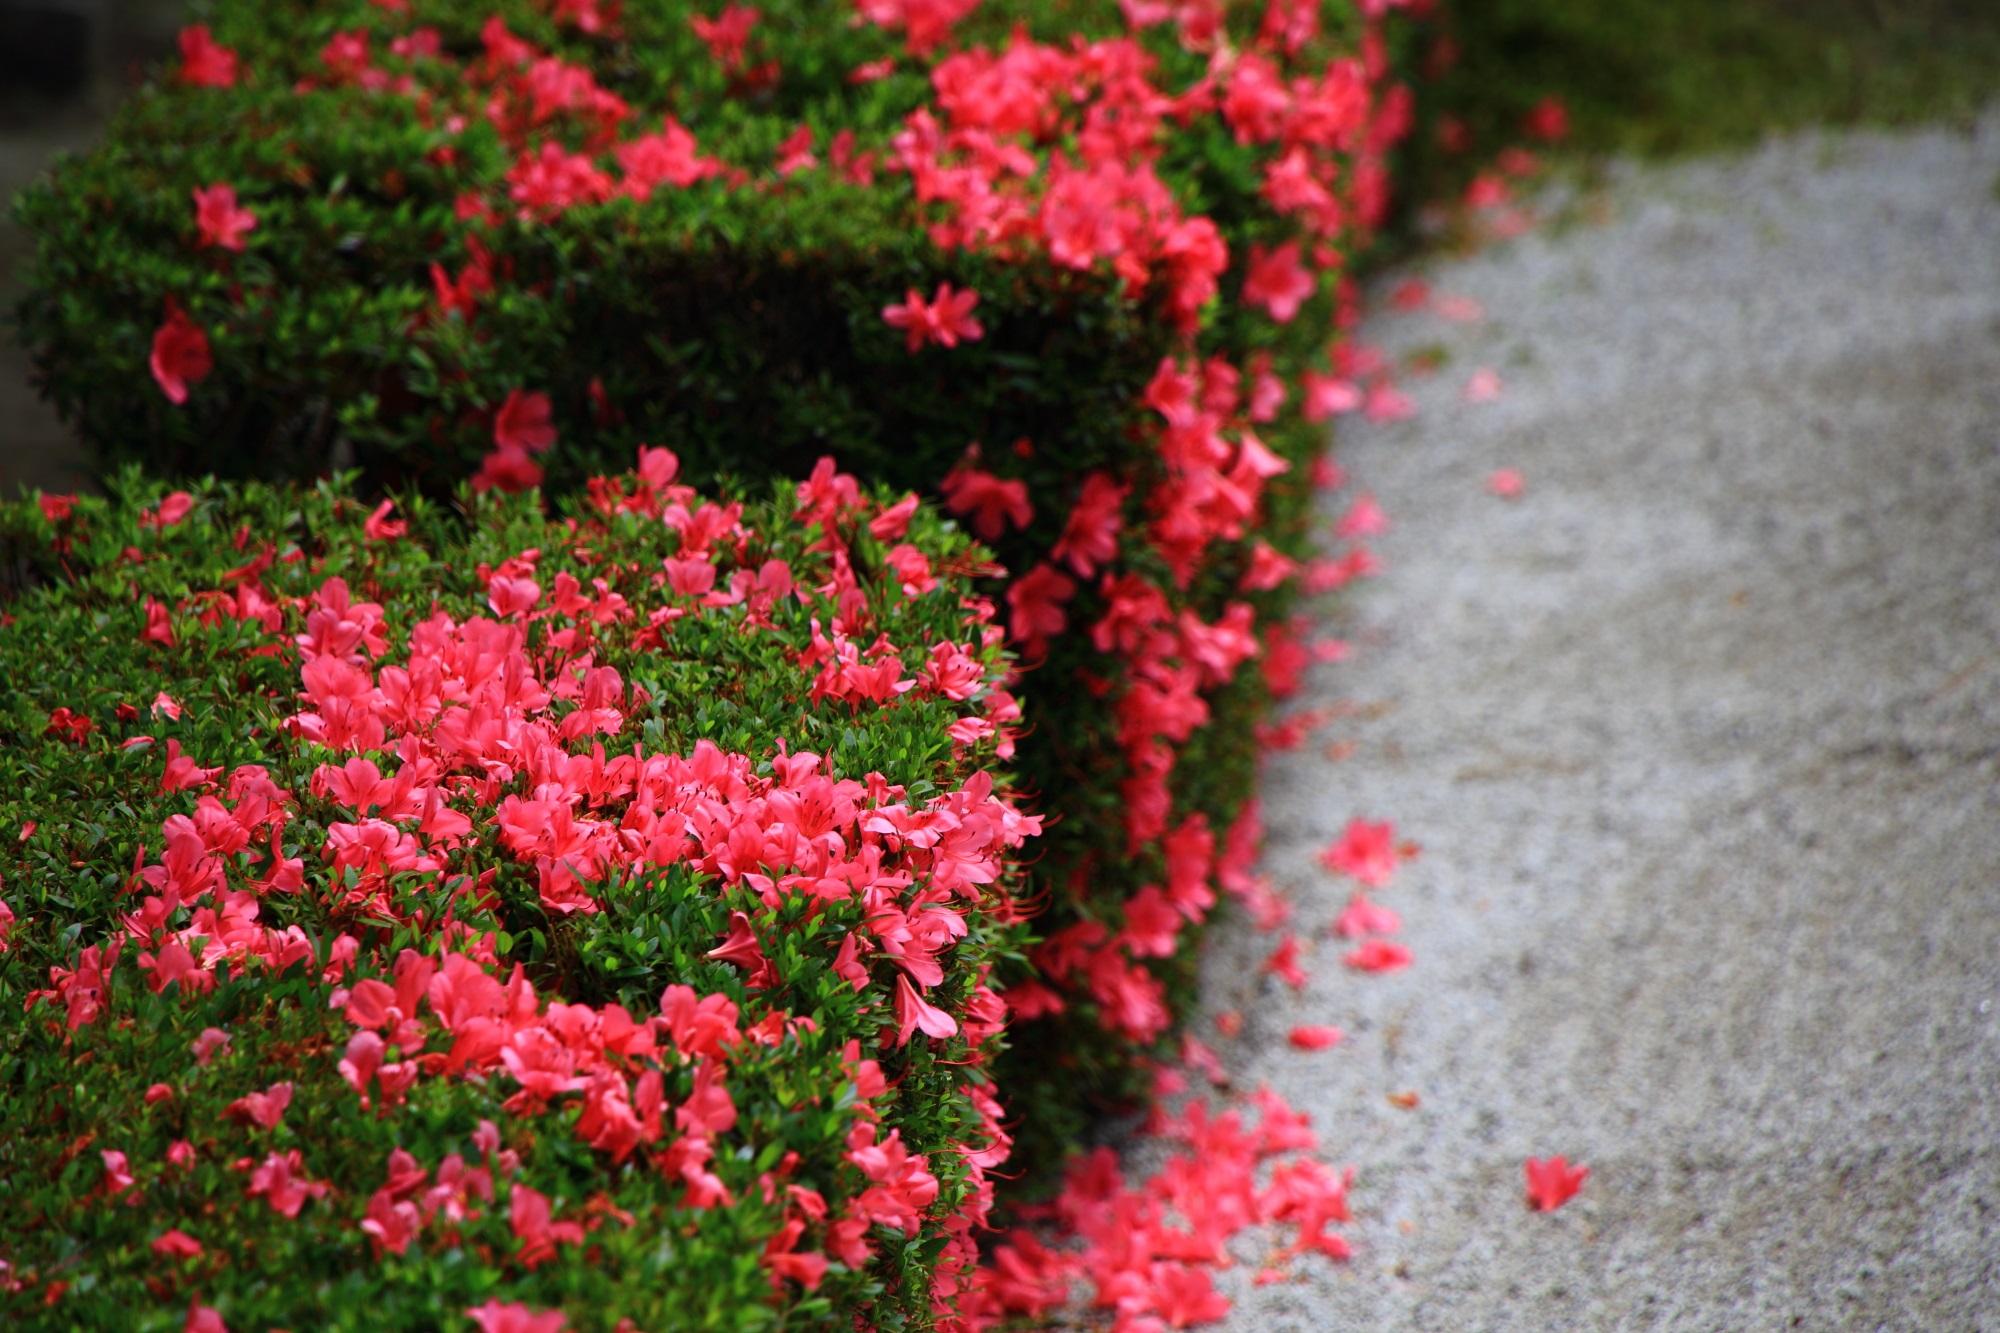 サツキ 方丈庭園 ピンク 華やか